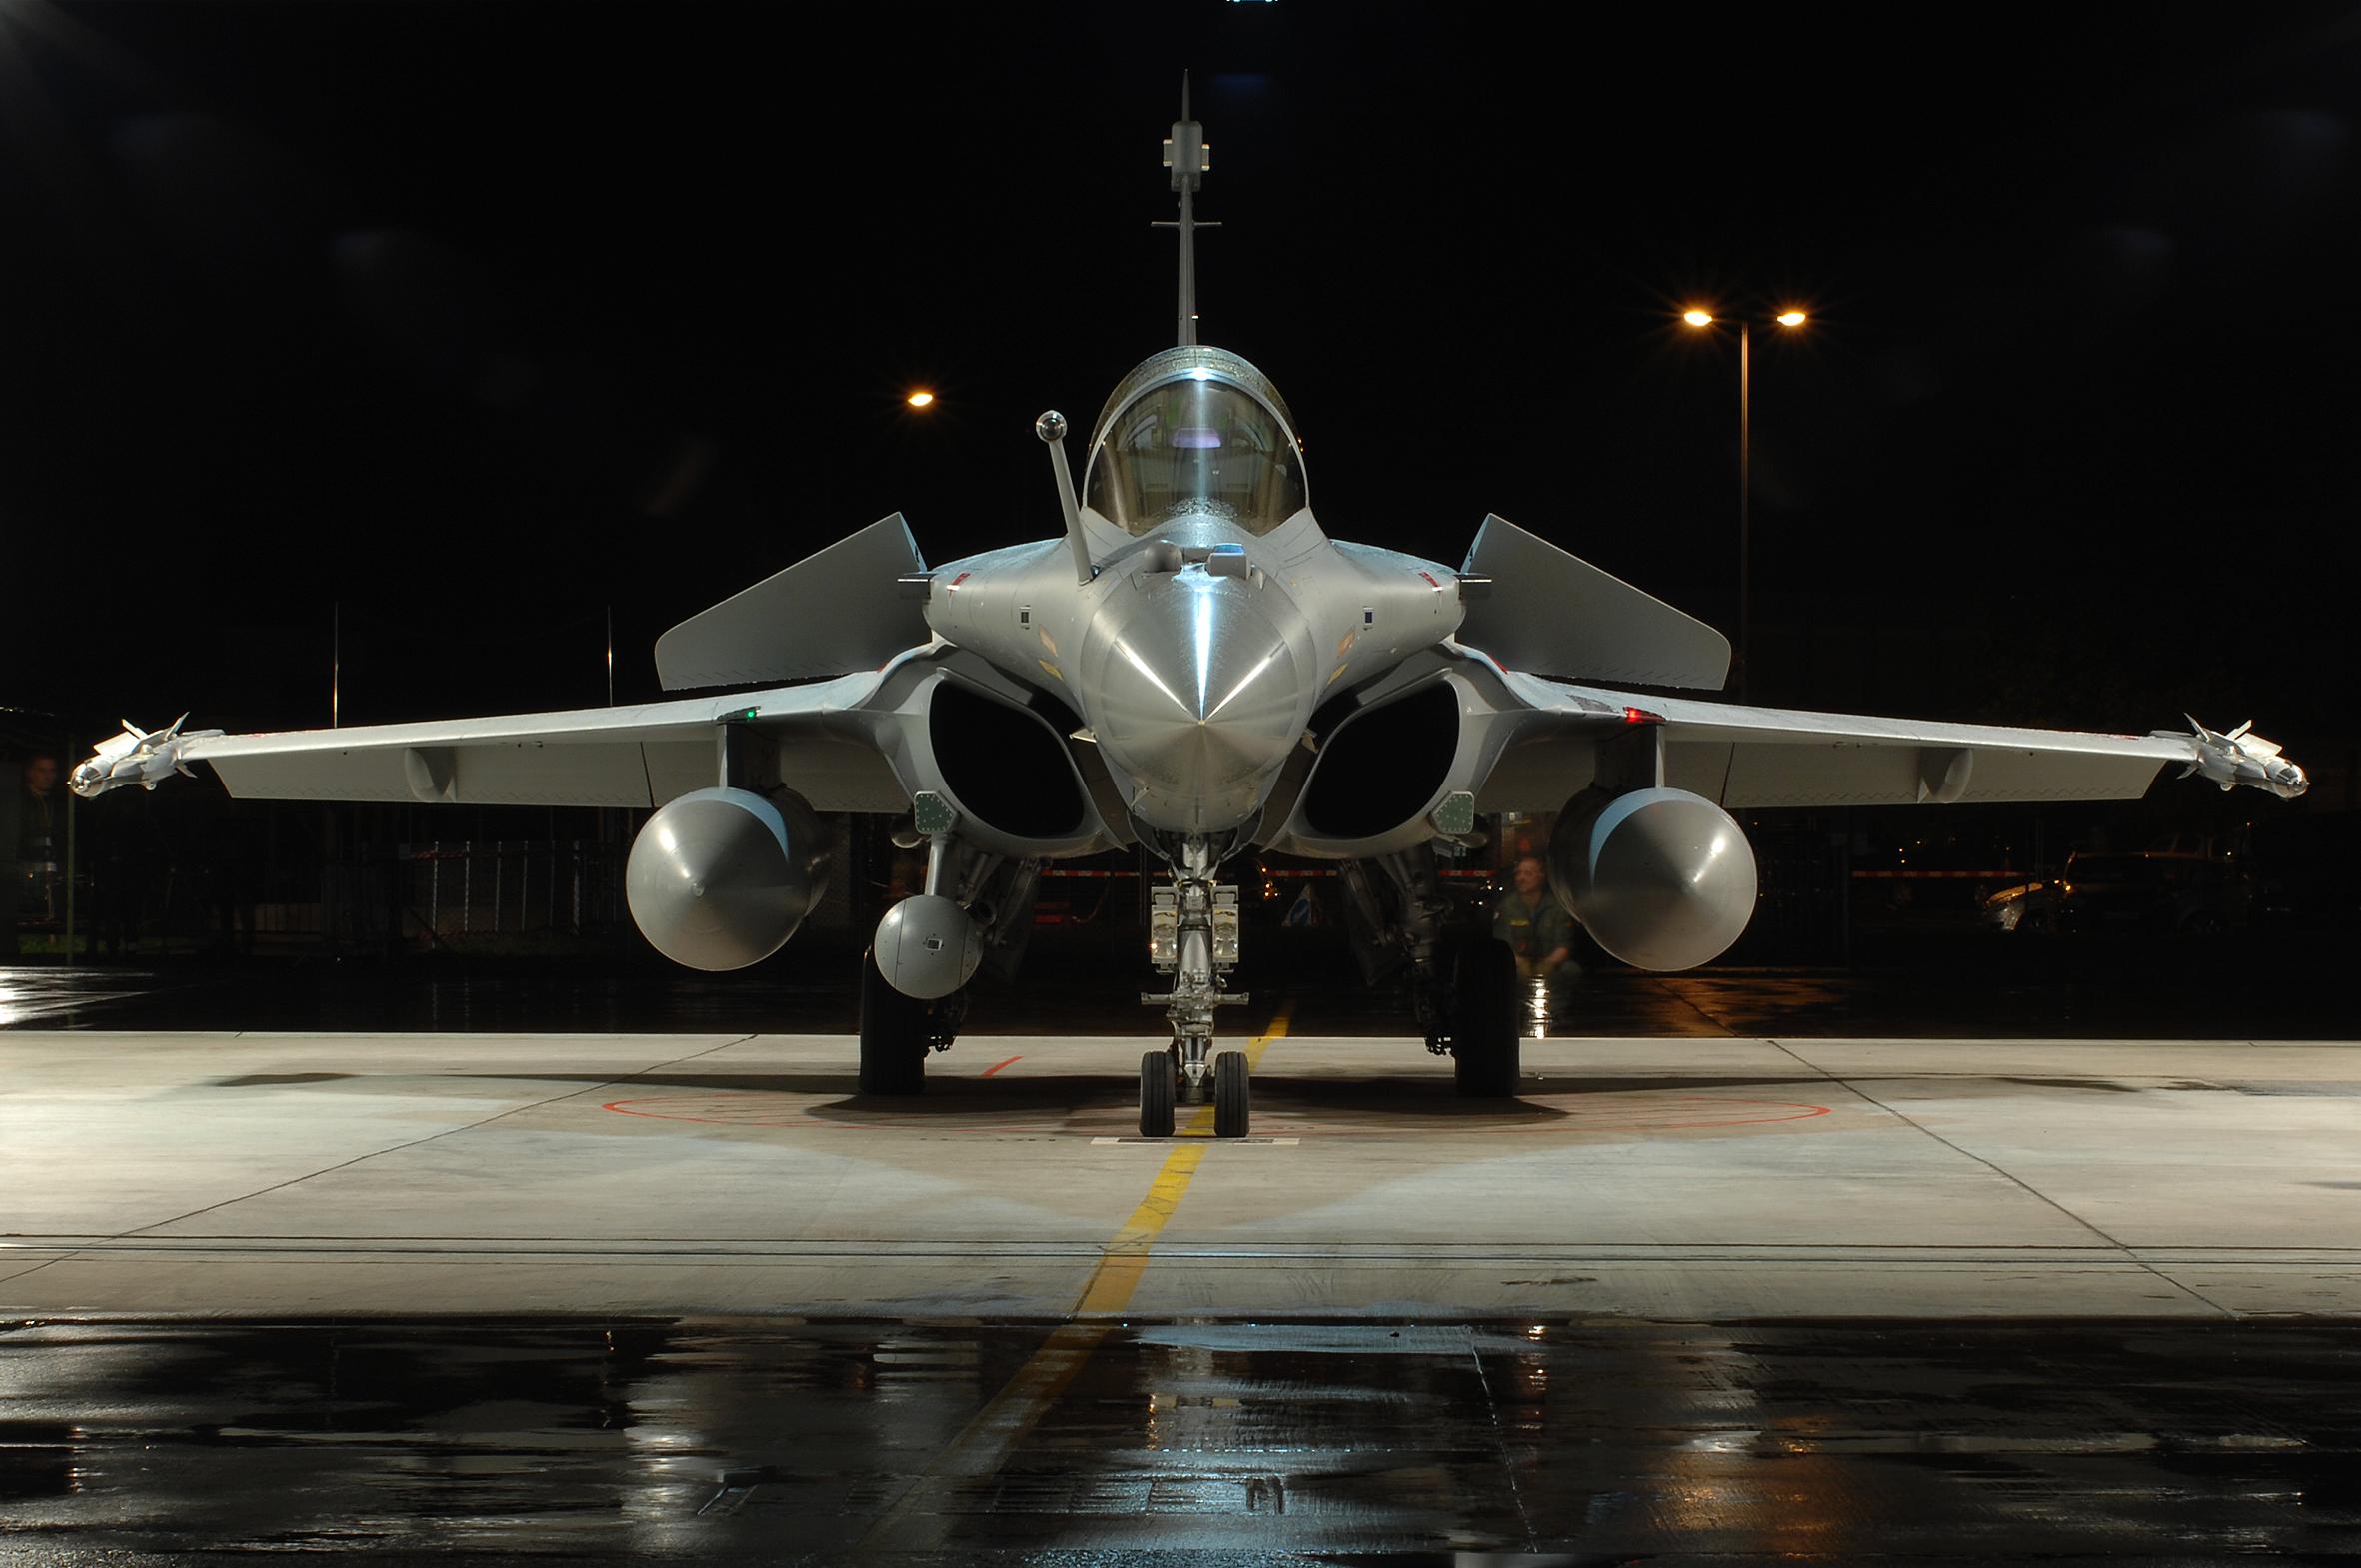 الطائره رافال..... اجمل طائره مقاتله!! Avion-rafale